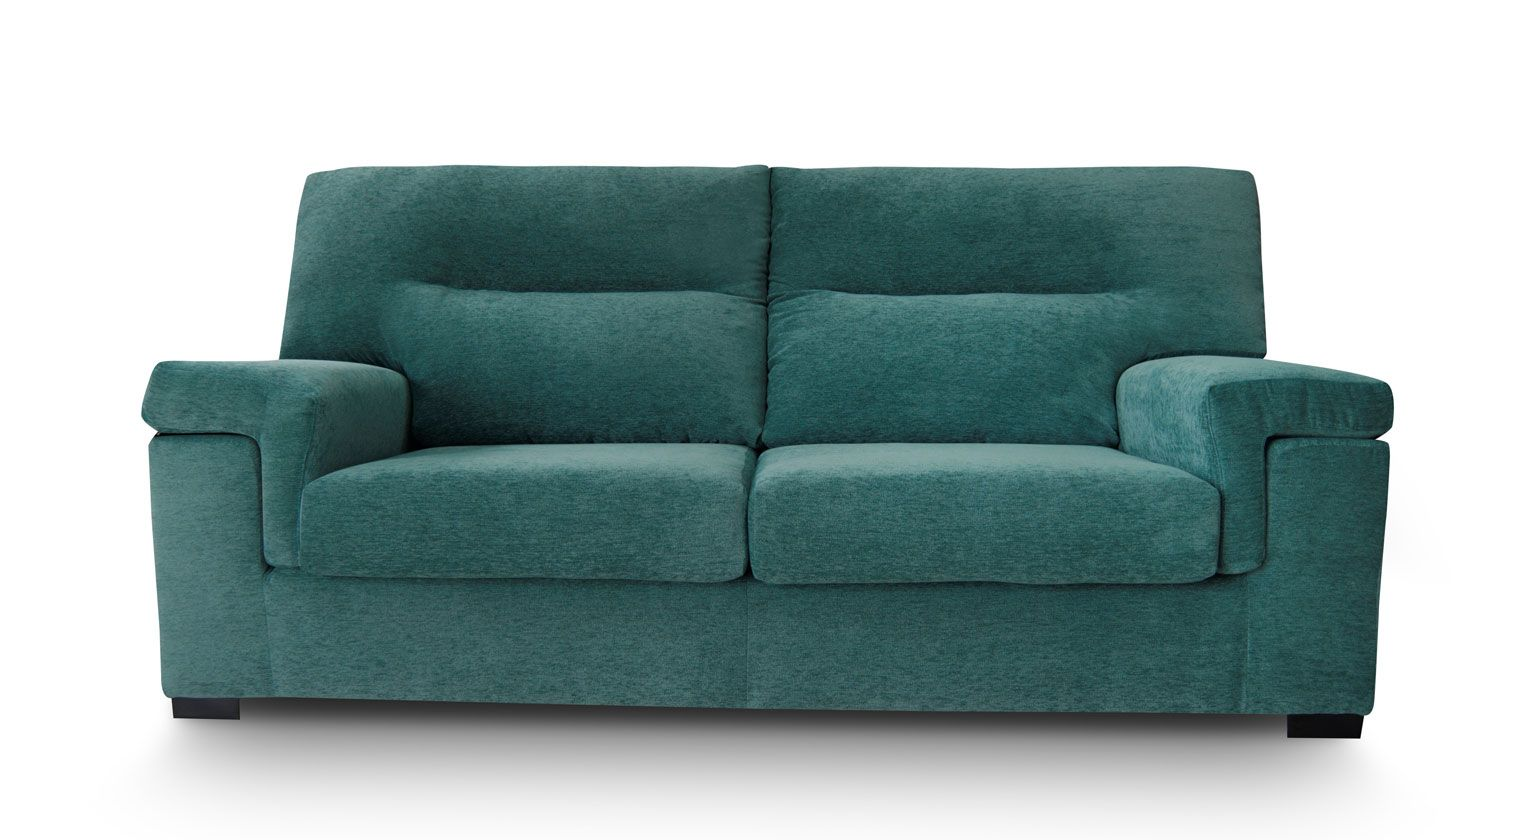 Comprar sof tela okio sof 3 plazas deslizante microfibra for Compra de sofas baratos